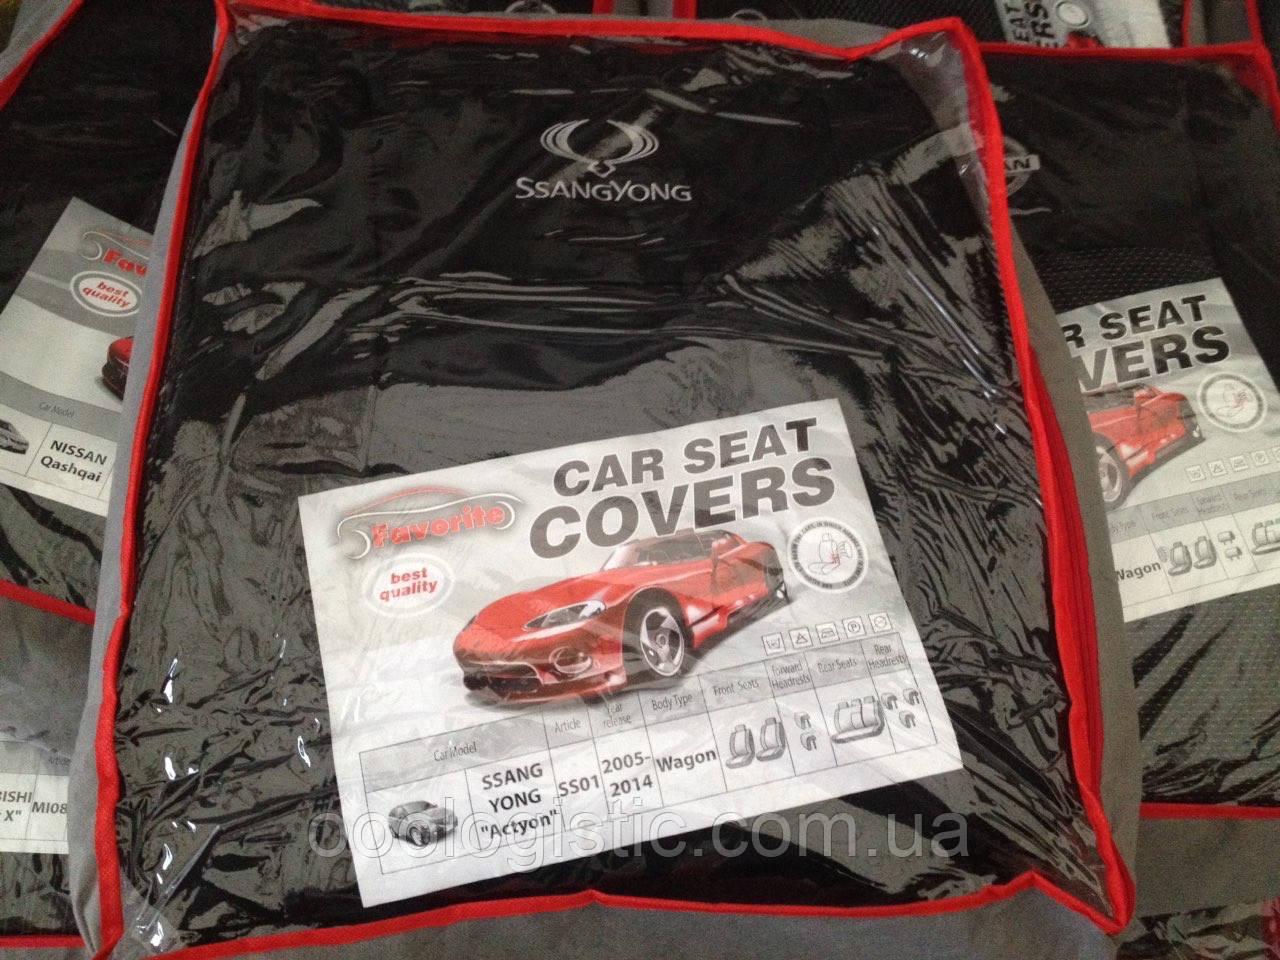 Авточехлы Favorite на Ssang Yong Actyon 2005-2014 wagon,Ссанг Йонг Актион модельный комплект